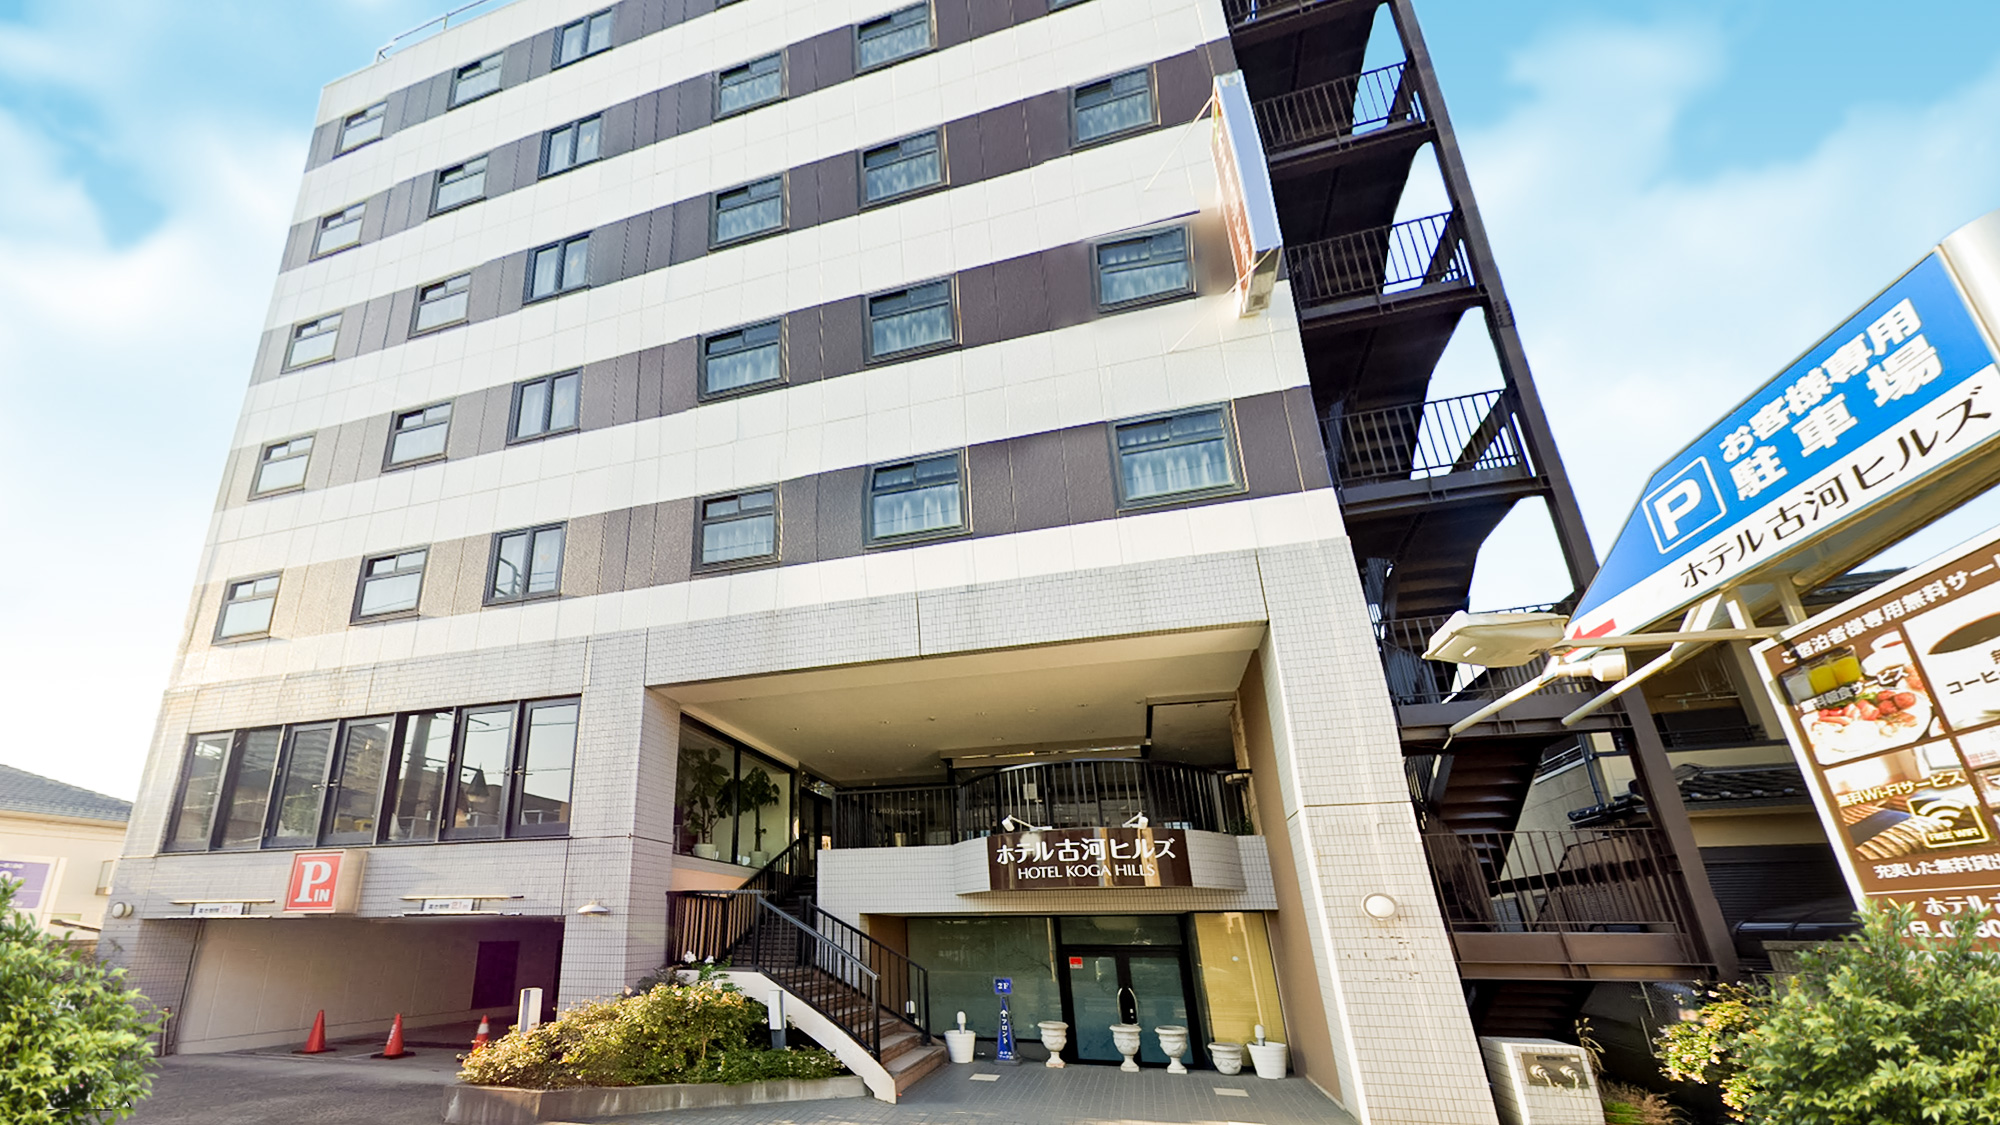 ホテル アーク21◆楽天トラベル